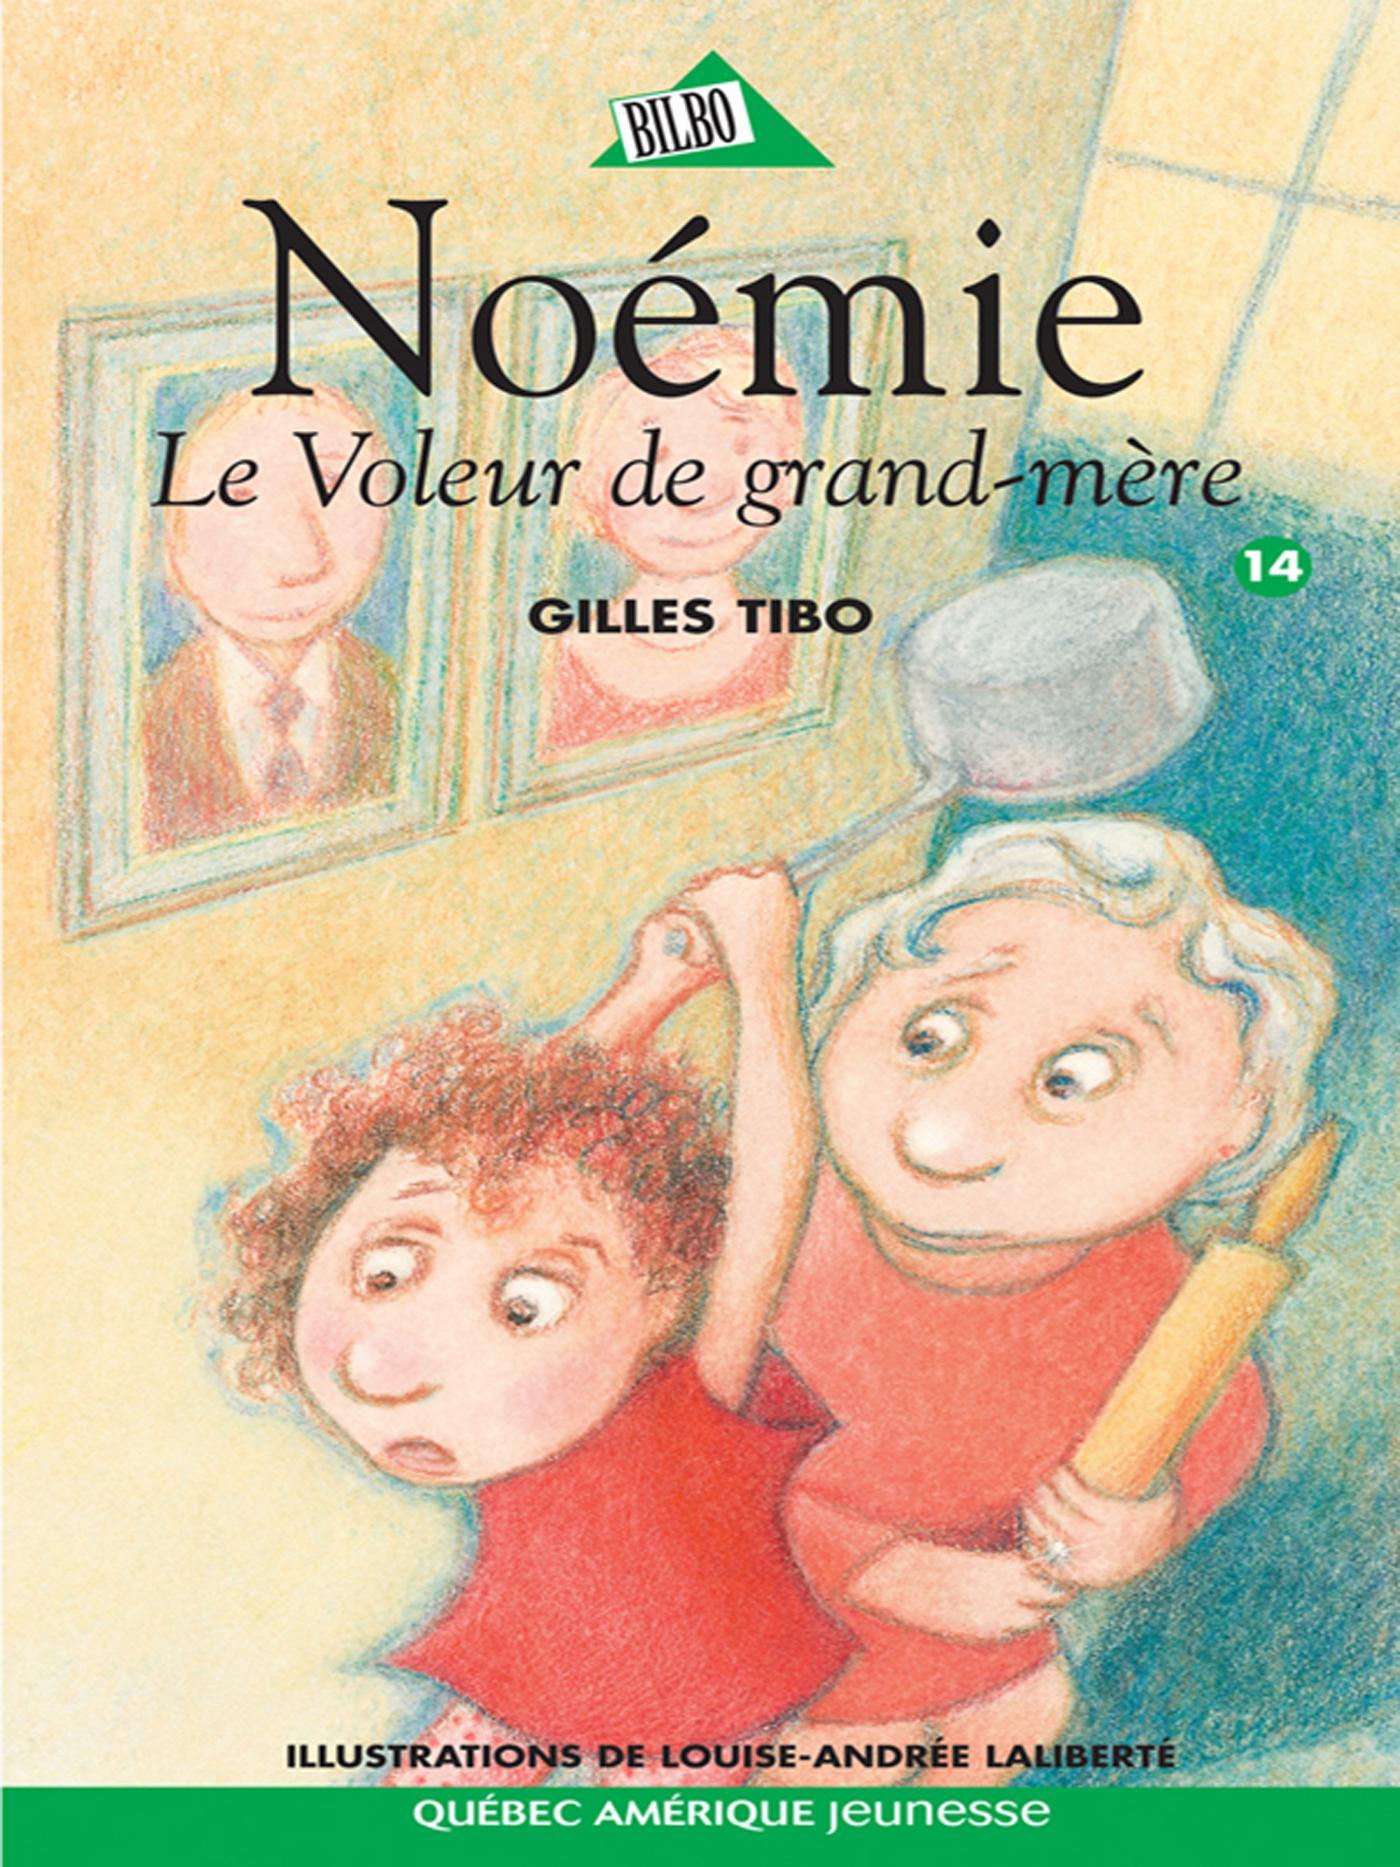 NOEMIE 14 - LE VOLEUR DE GRAND-MERE